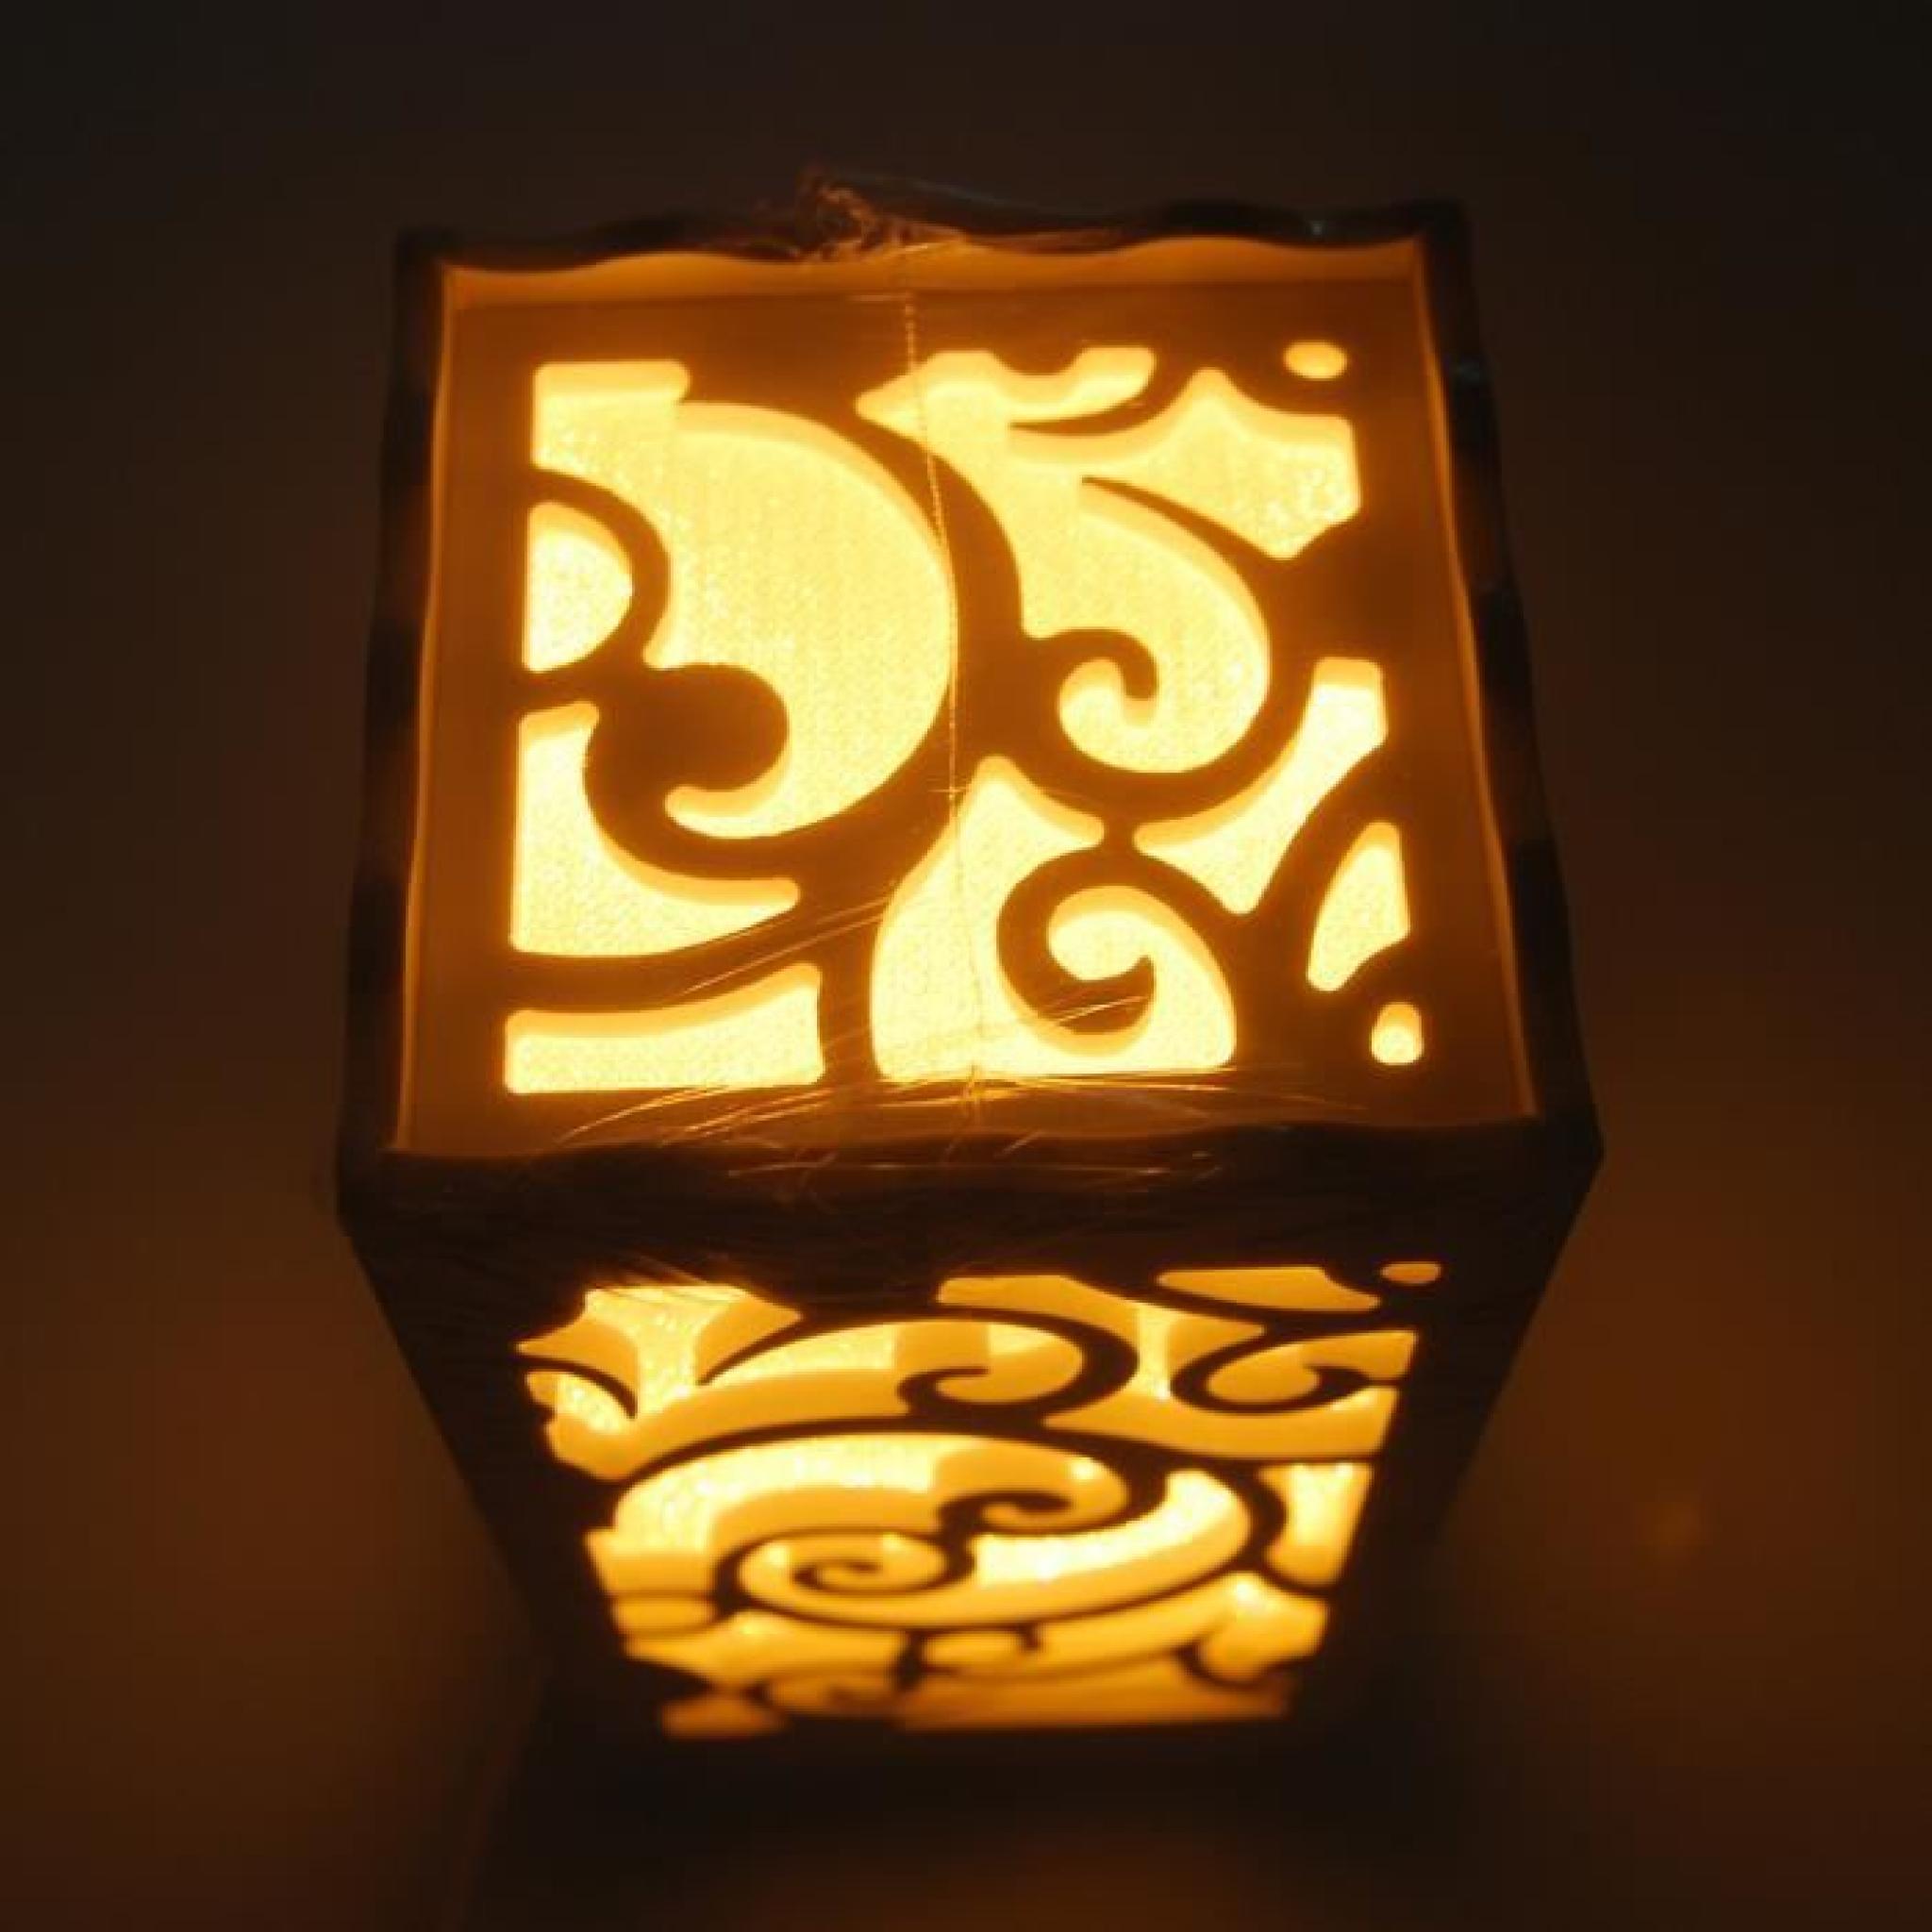 Table Bois Lampadaire Nuage Ancien Sculpté Led De En Lampe Chevet 0OknwP8X